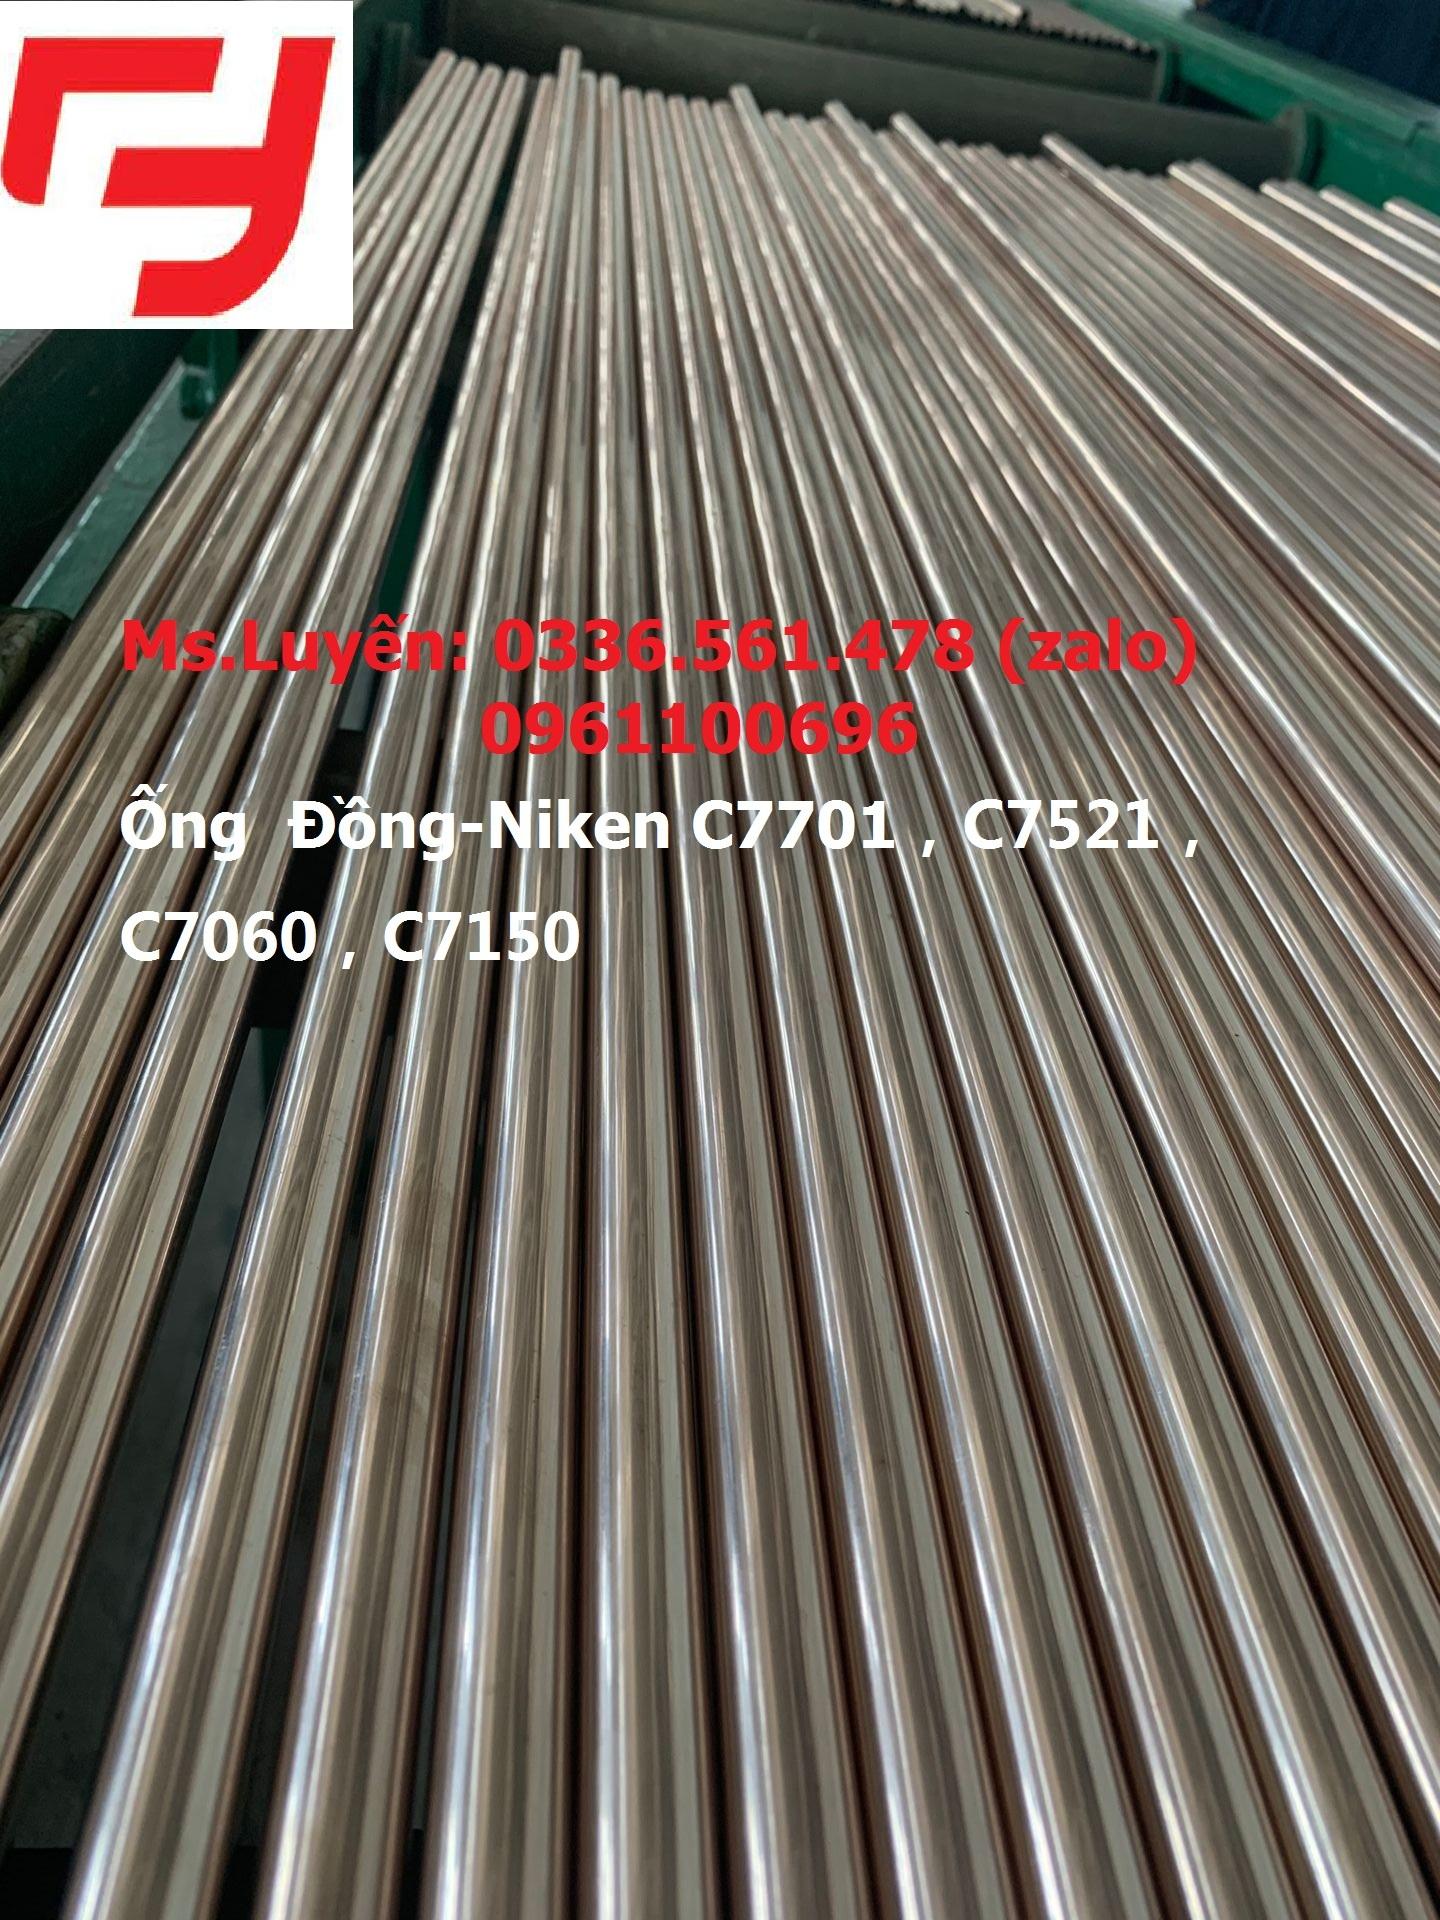 ong-dong-niken-C71500